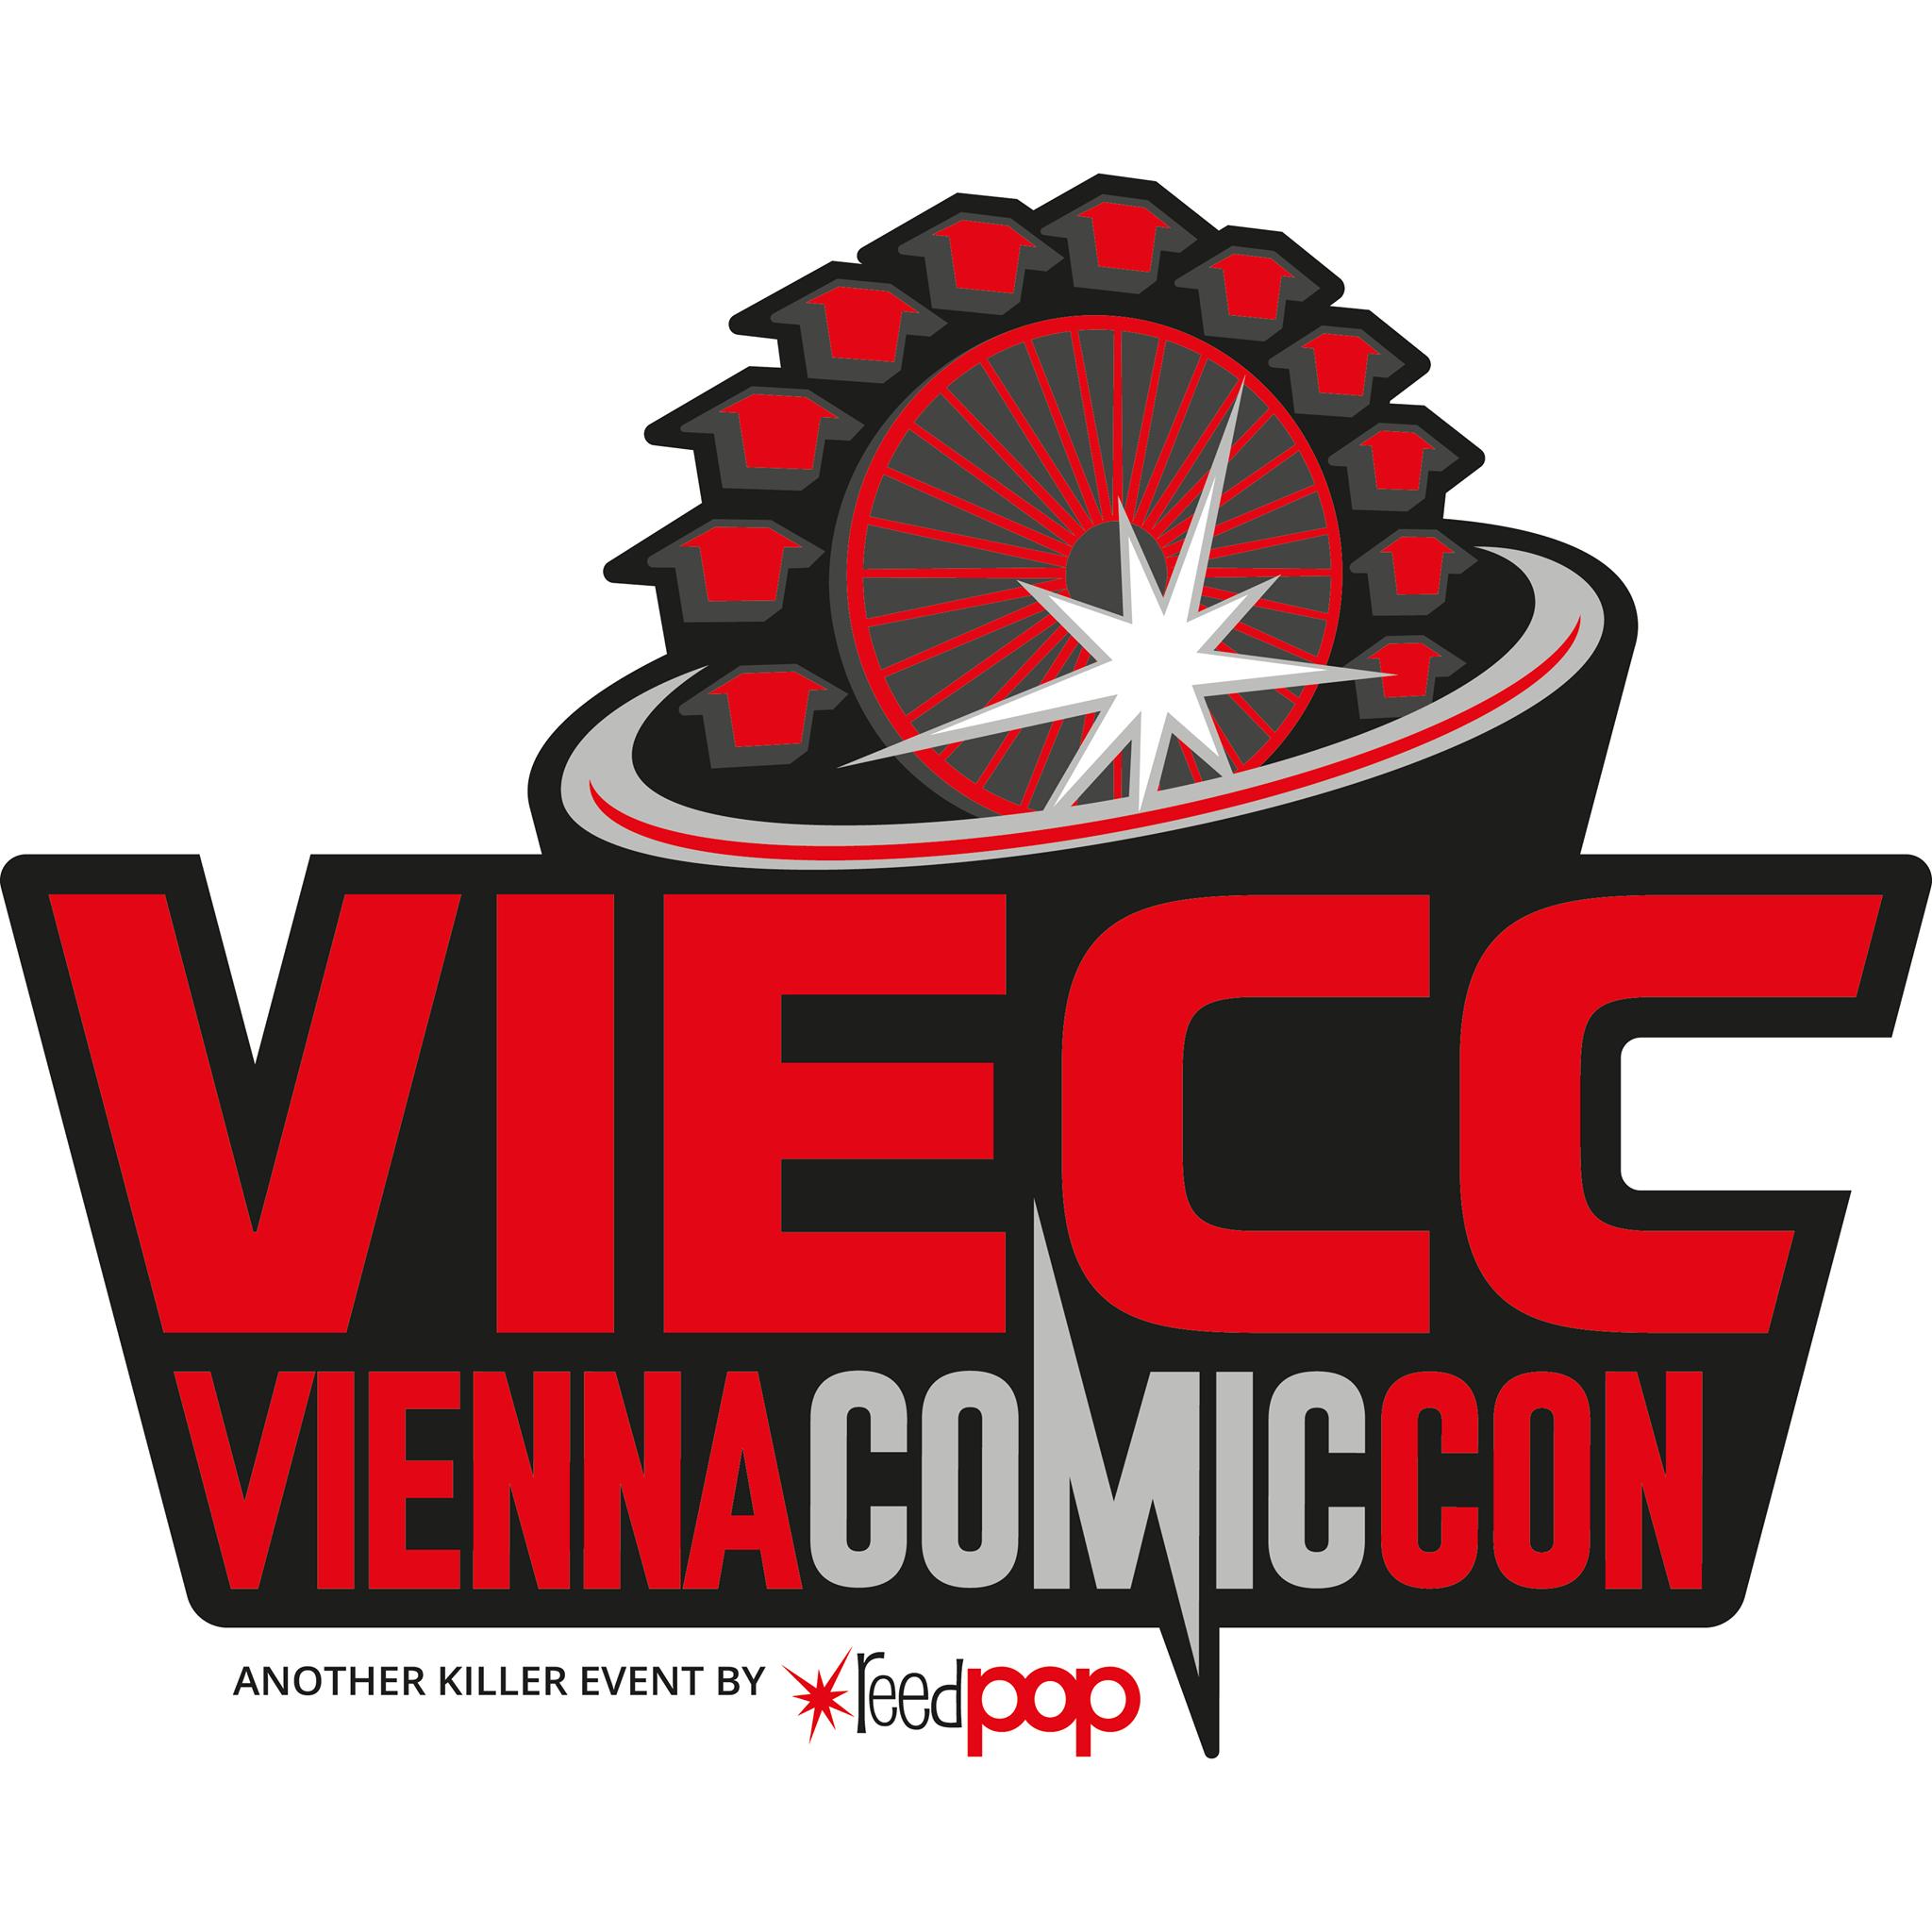 viecc-vienna_comic_con.png